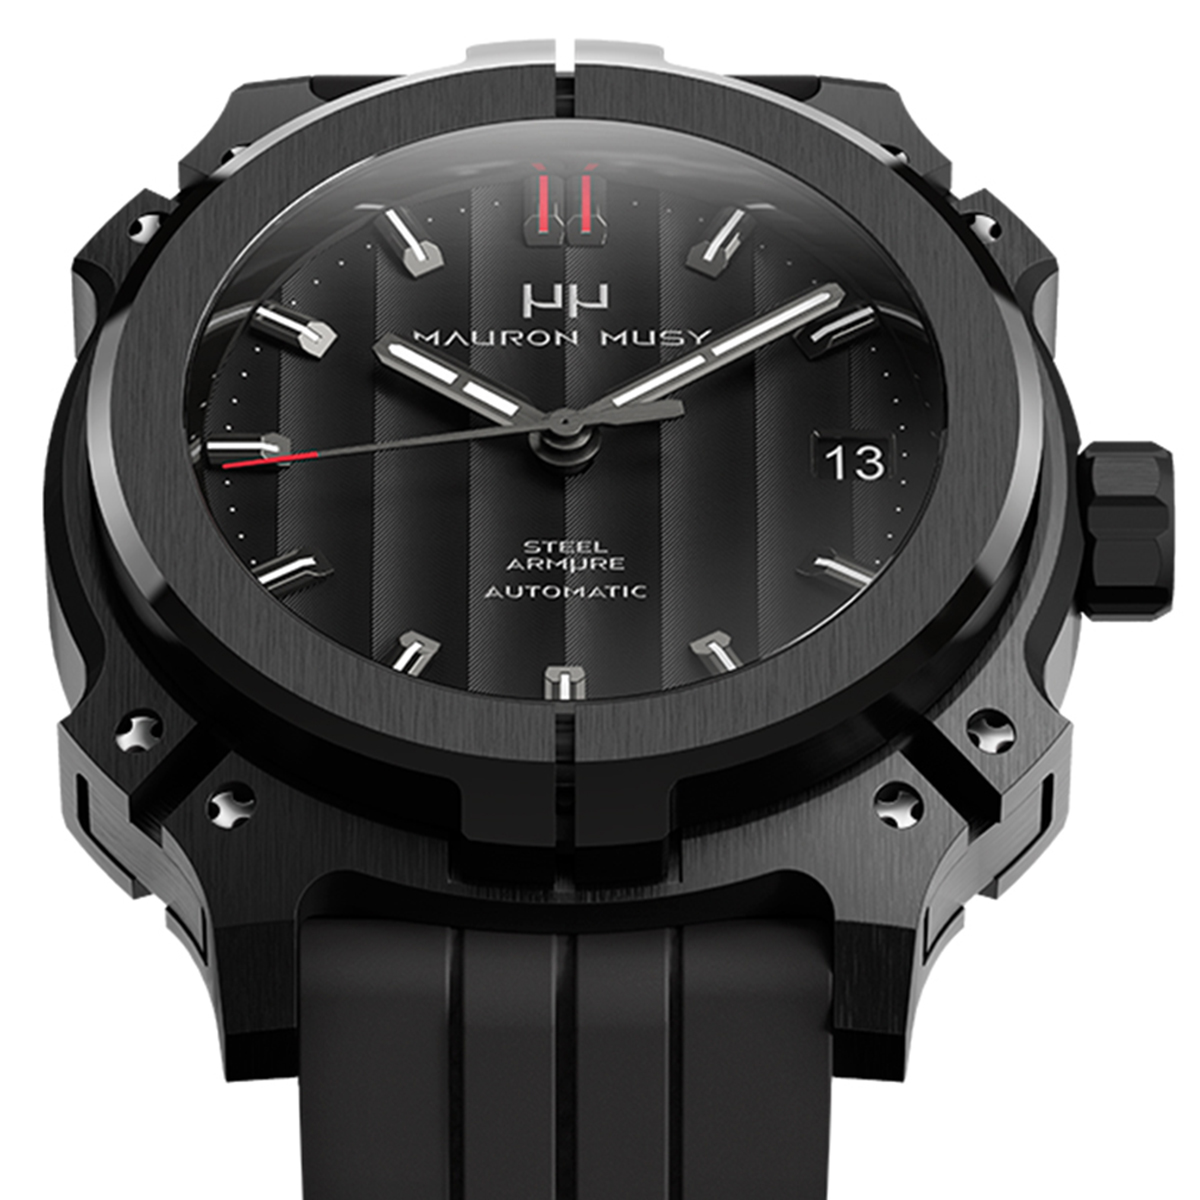 【残り1点】MAURON MUSY モーロン・ミュジー 自動巻き 腕時計 [MU01-102-BlackRubber]  デイト